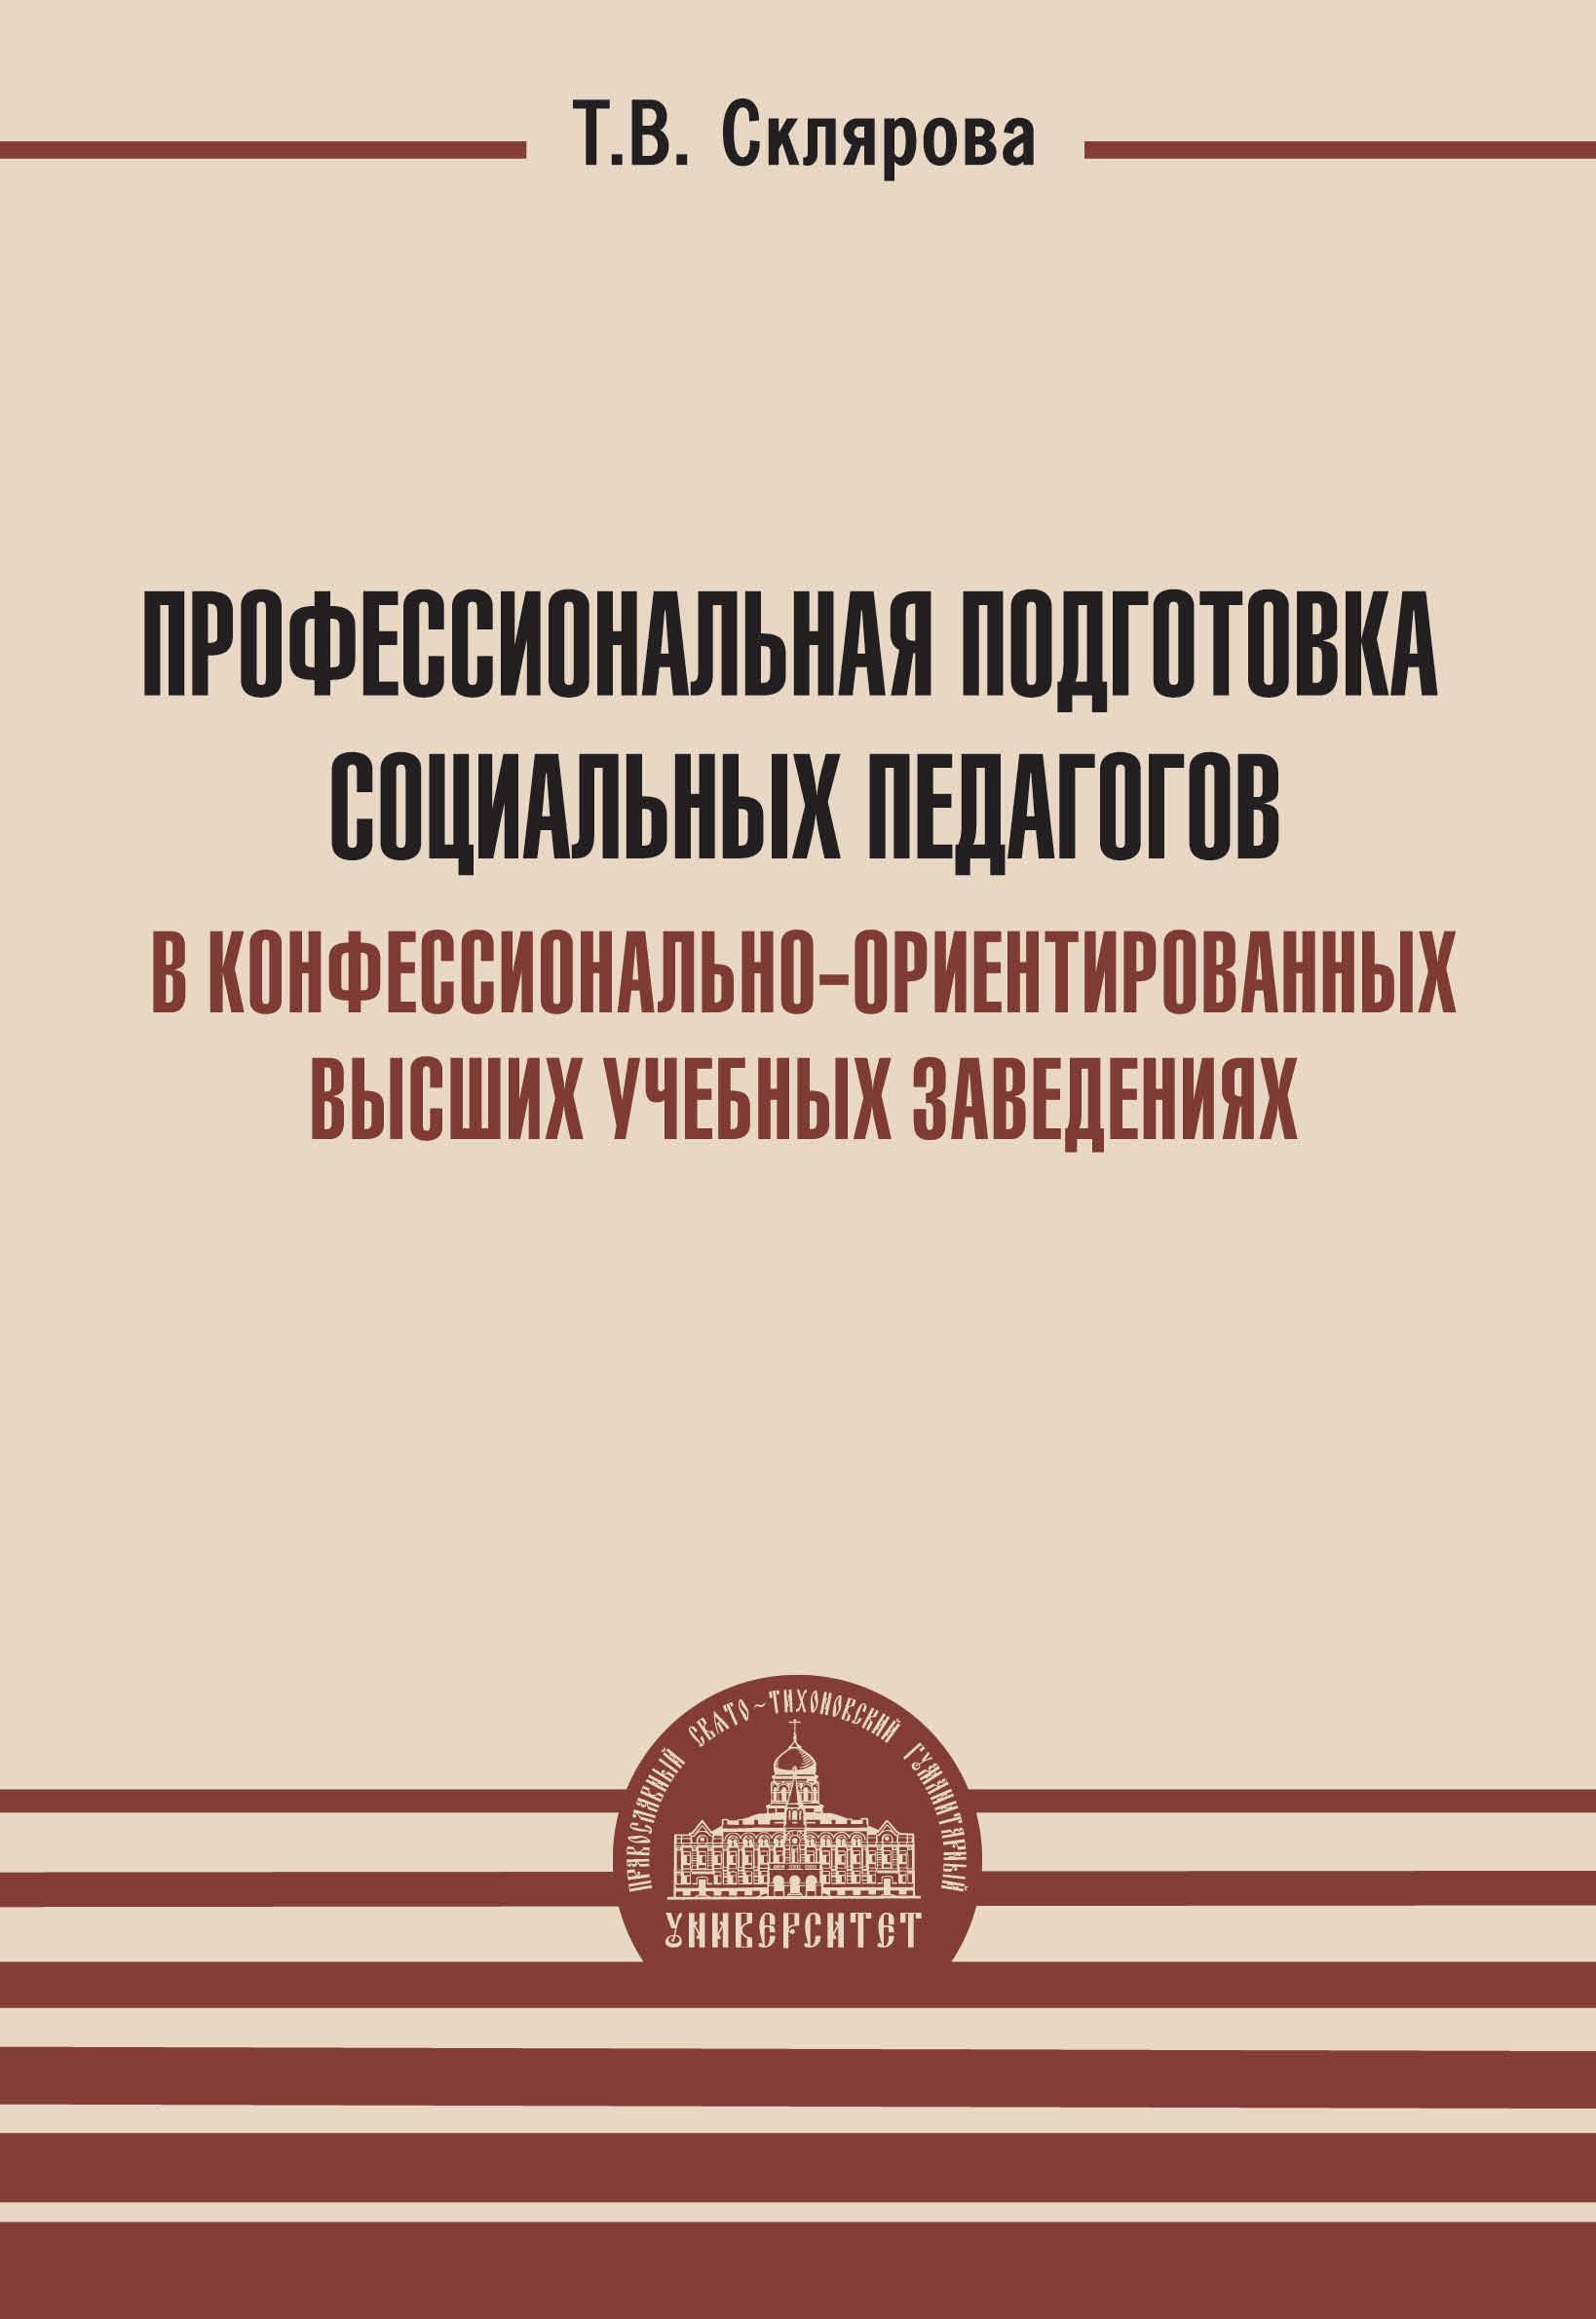 Т. В. Склярова Профессиональная подготовка социальных педагогов в конфессионально-ориентированных высших учебных заведениях цена